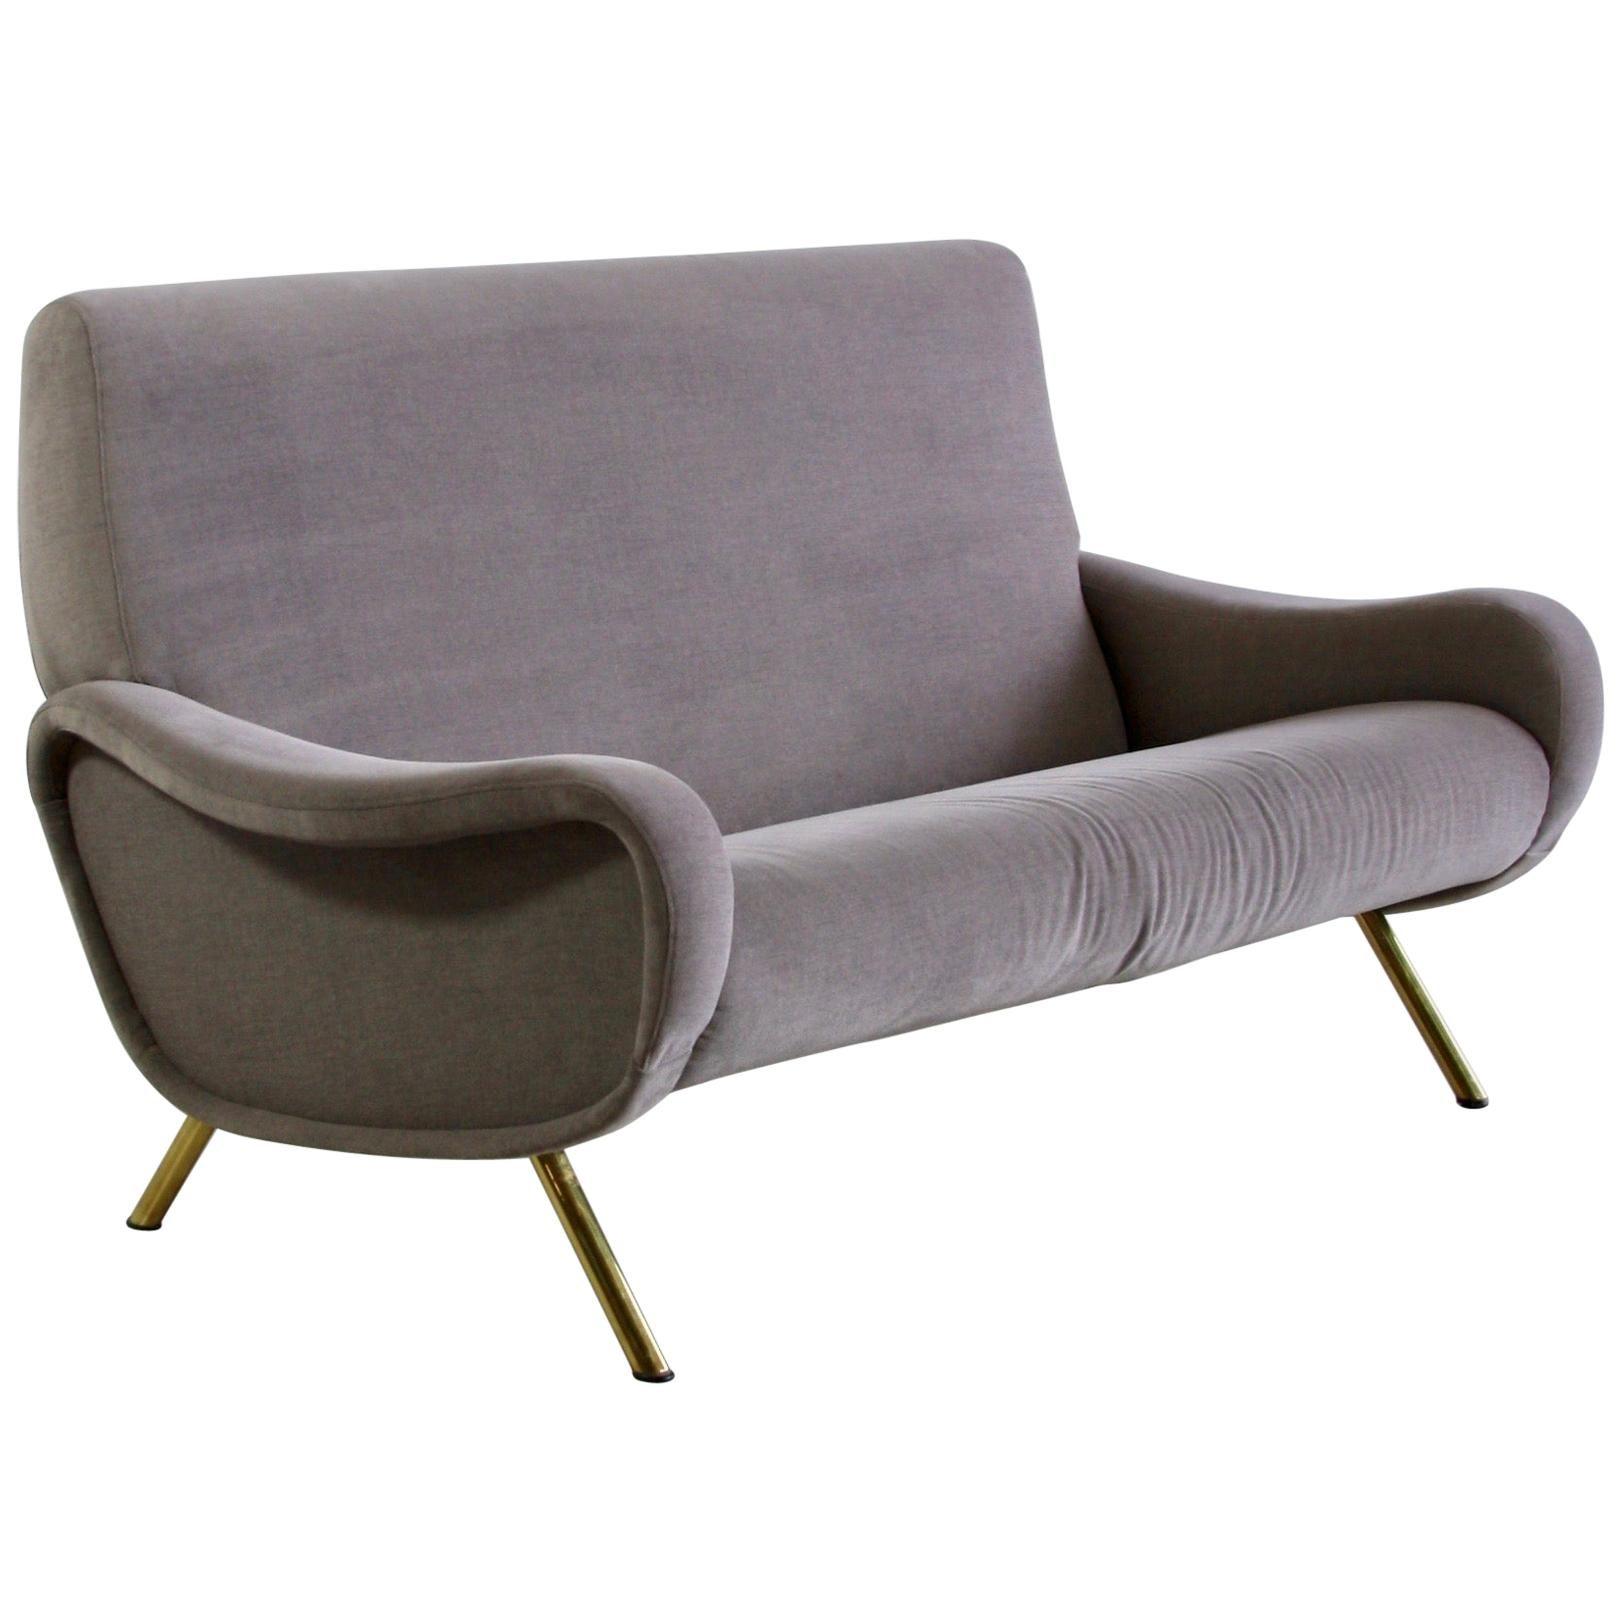 Two-Seat Sofa by Marco Zanuso for Arflex